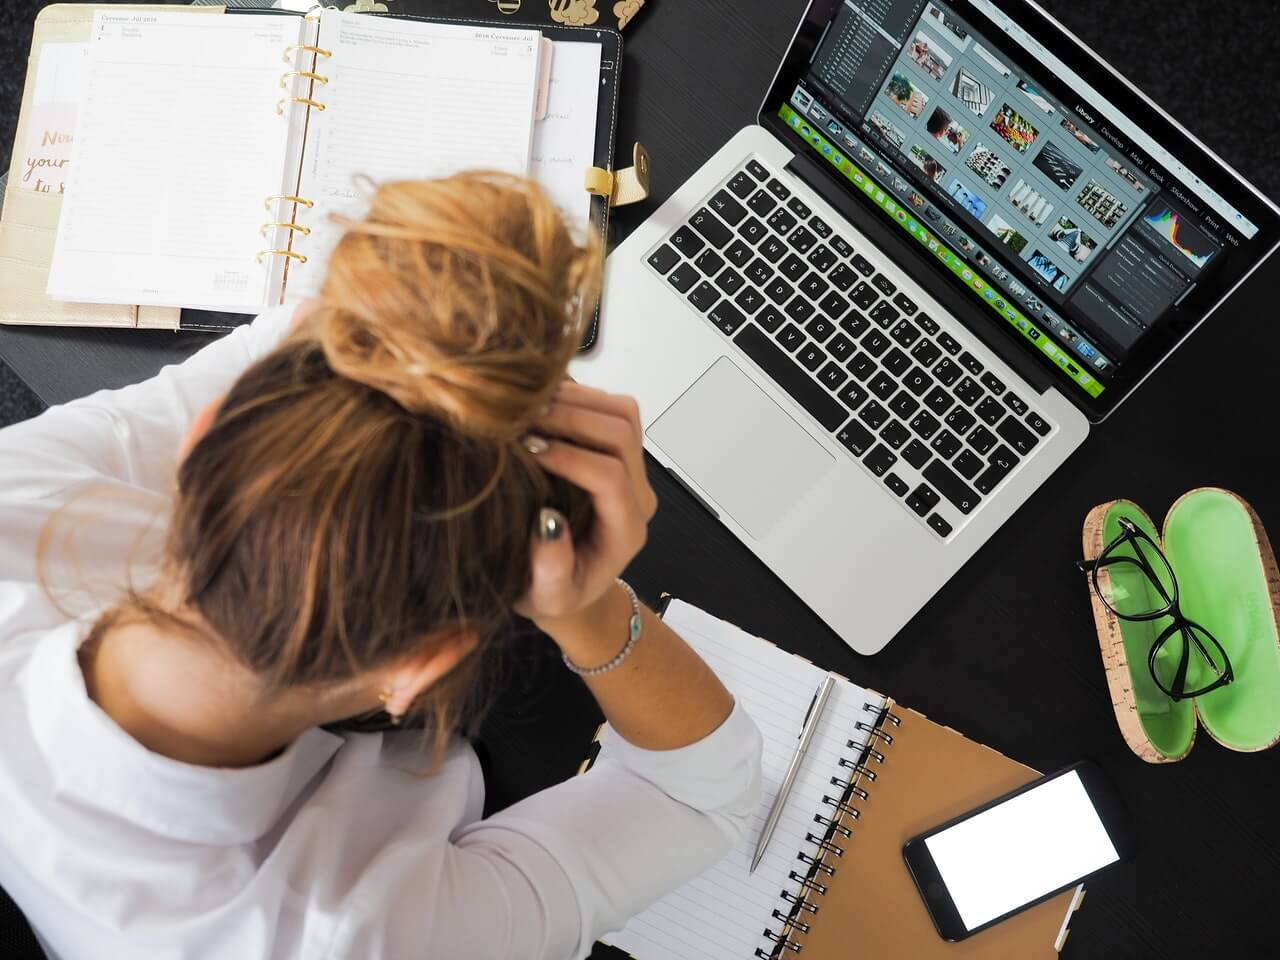 Planujący się zwolnić odpowiadają za 60% wewn. naruszeń cyberbezpieczeństwa firm